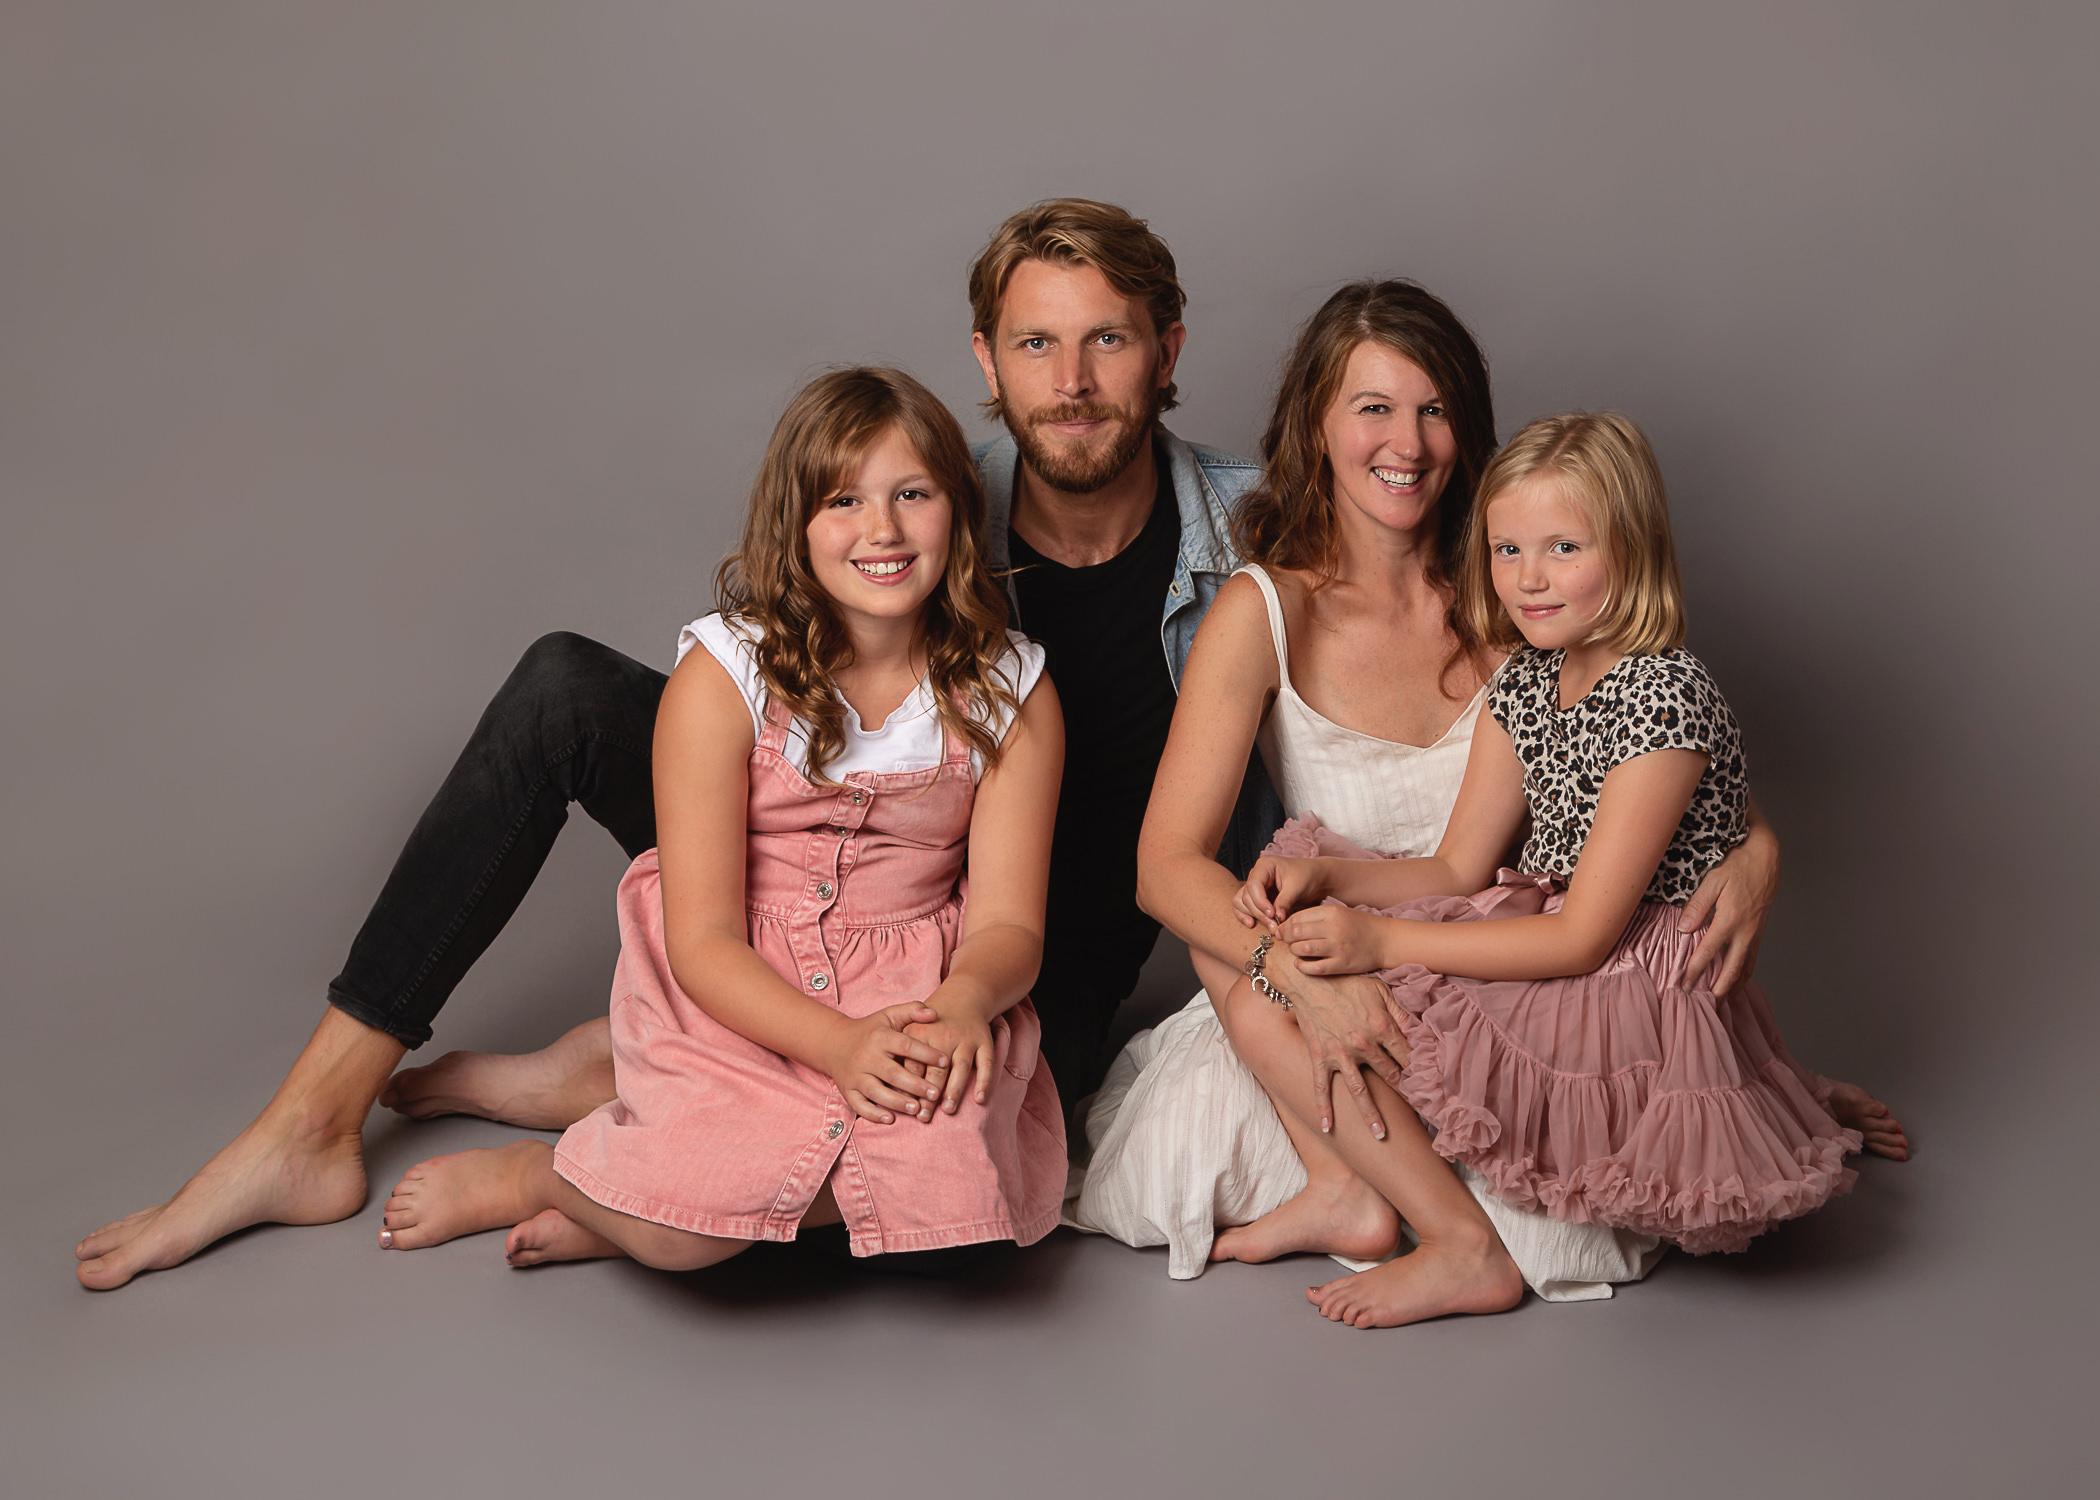 Family Photo Shoots Yorkshire